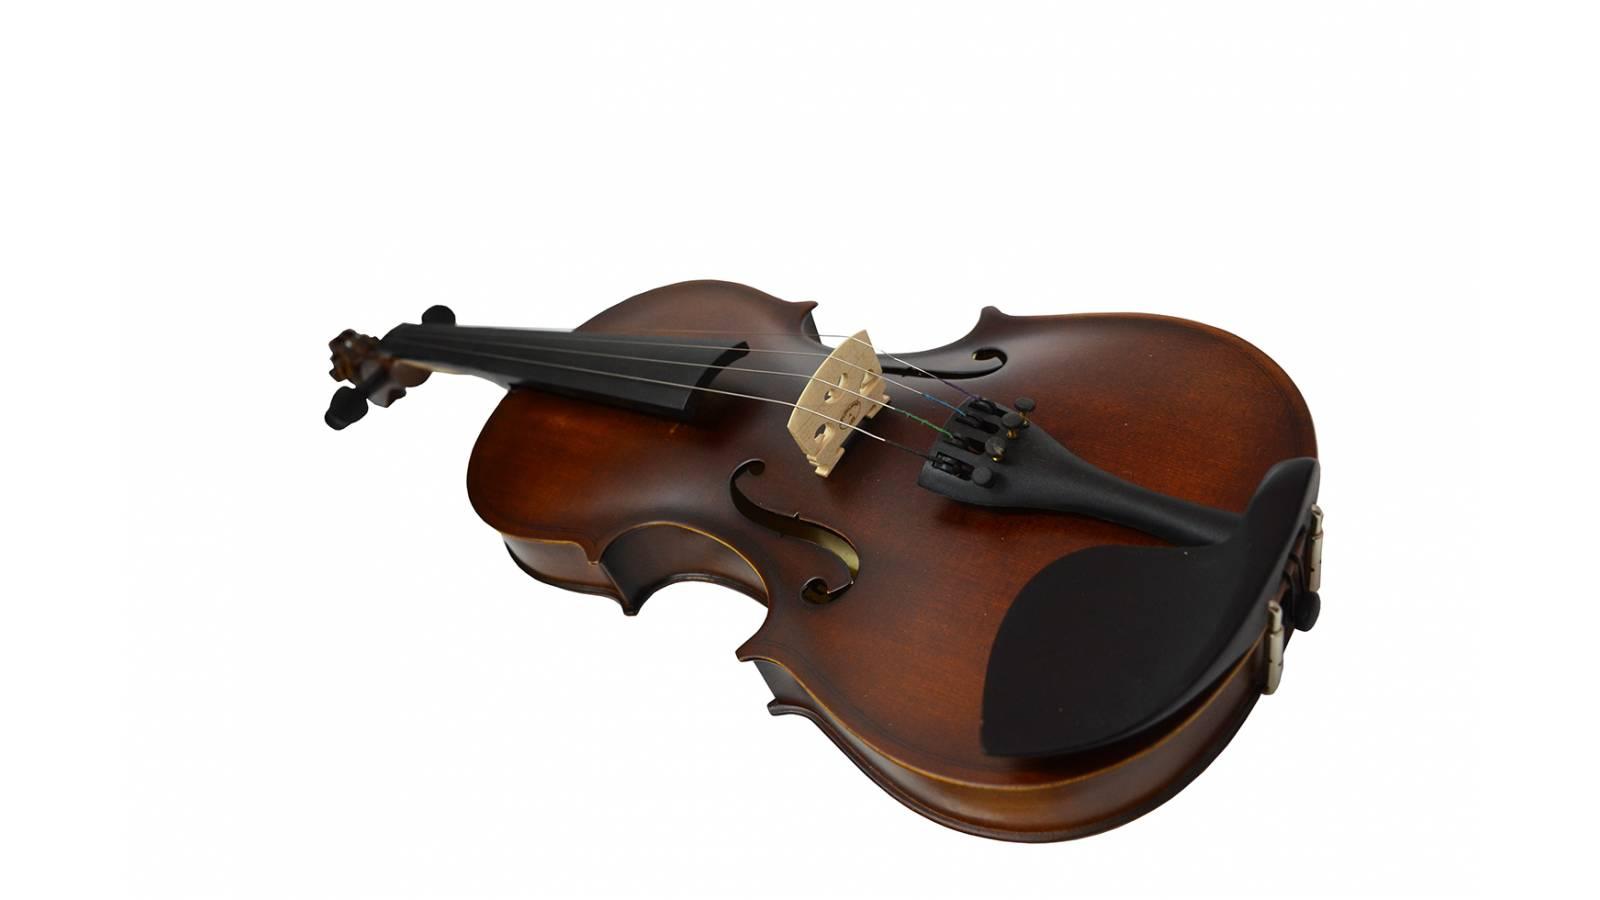 Violin Fever Clásico 4/4 Excelente Calidad y Sonido con Funda!